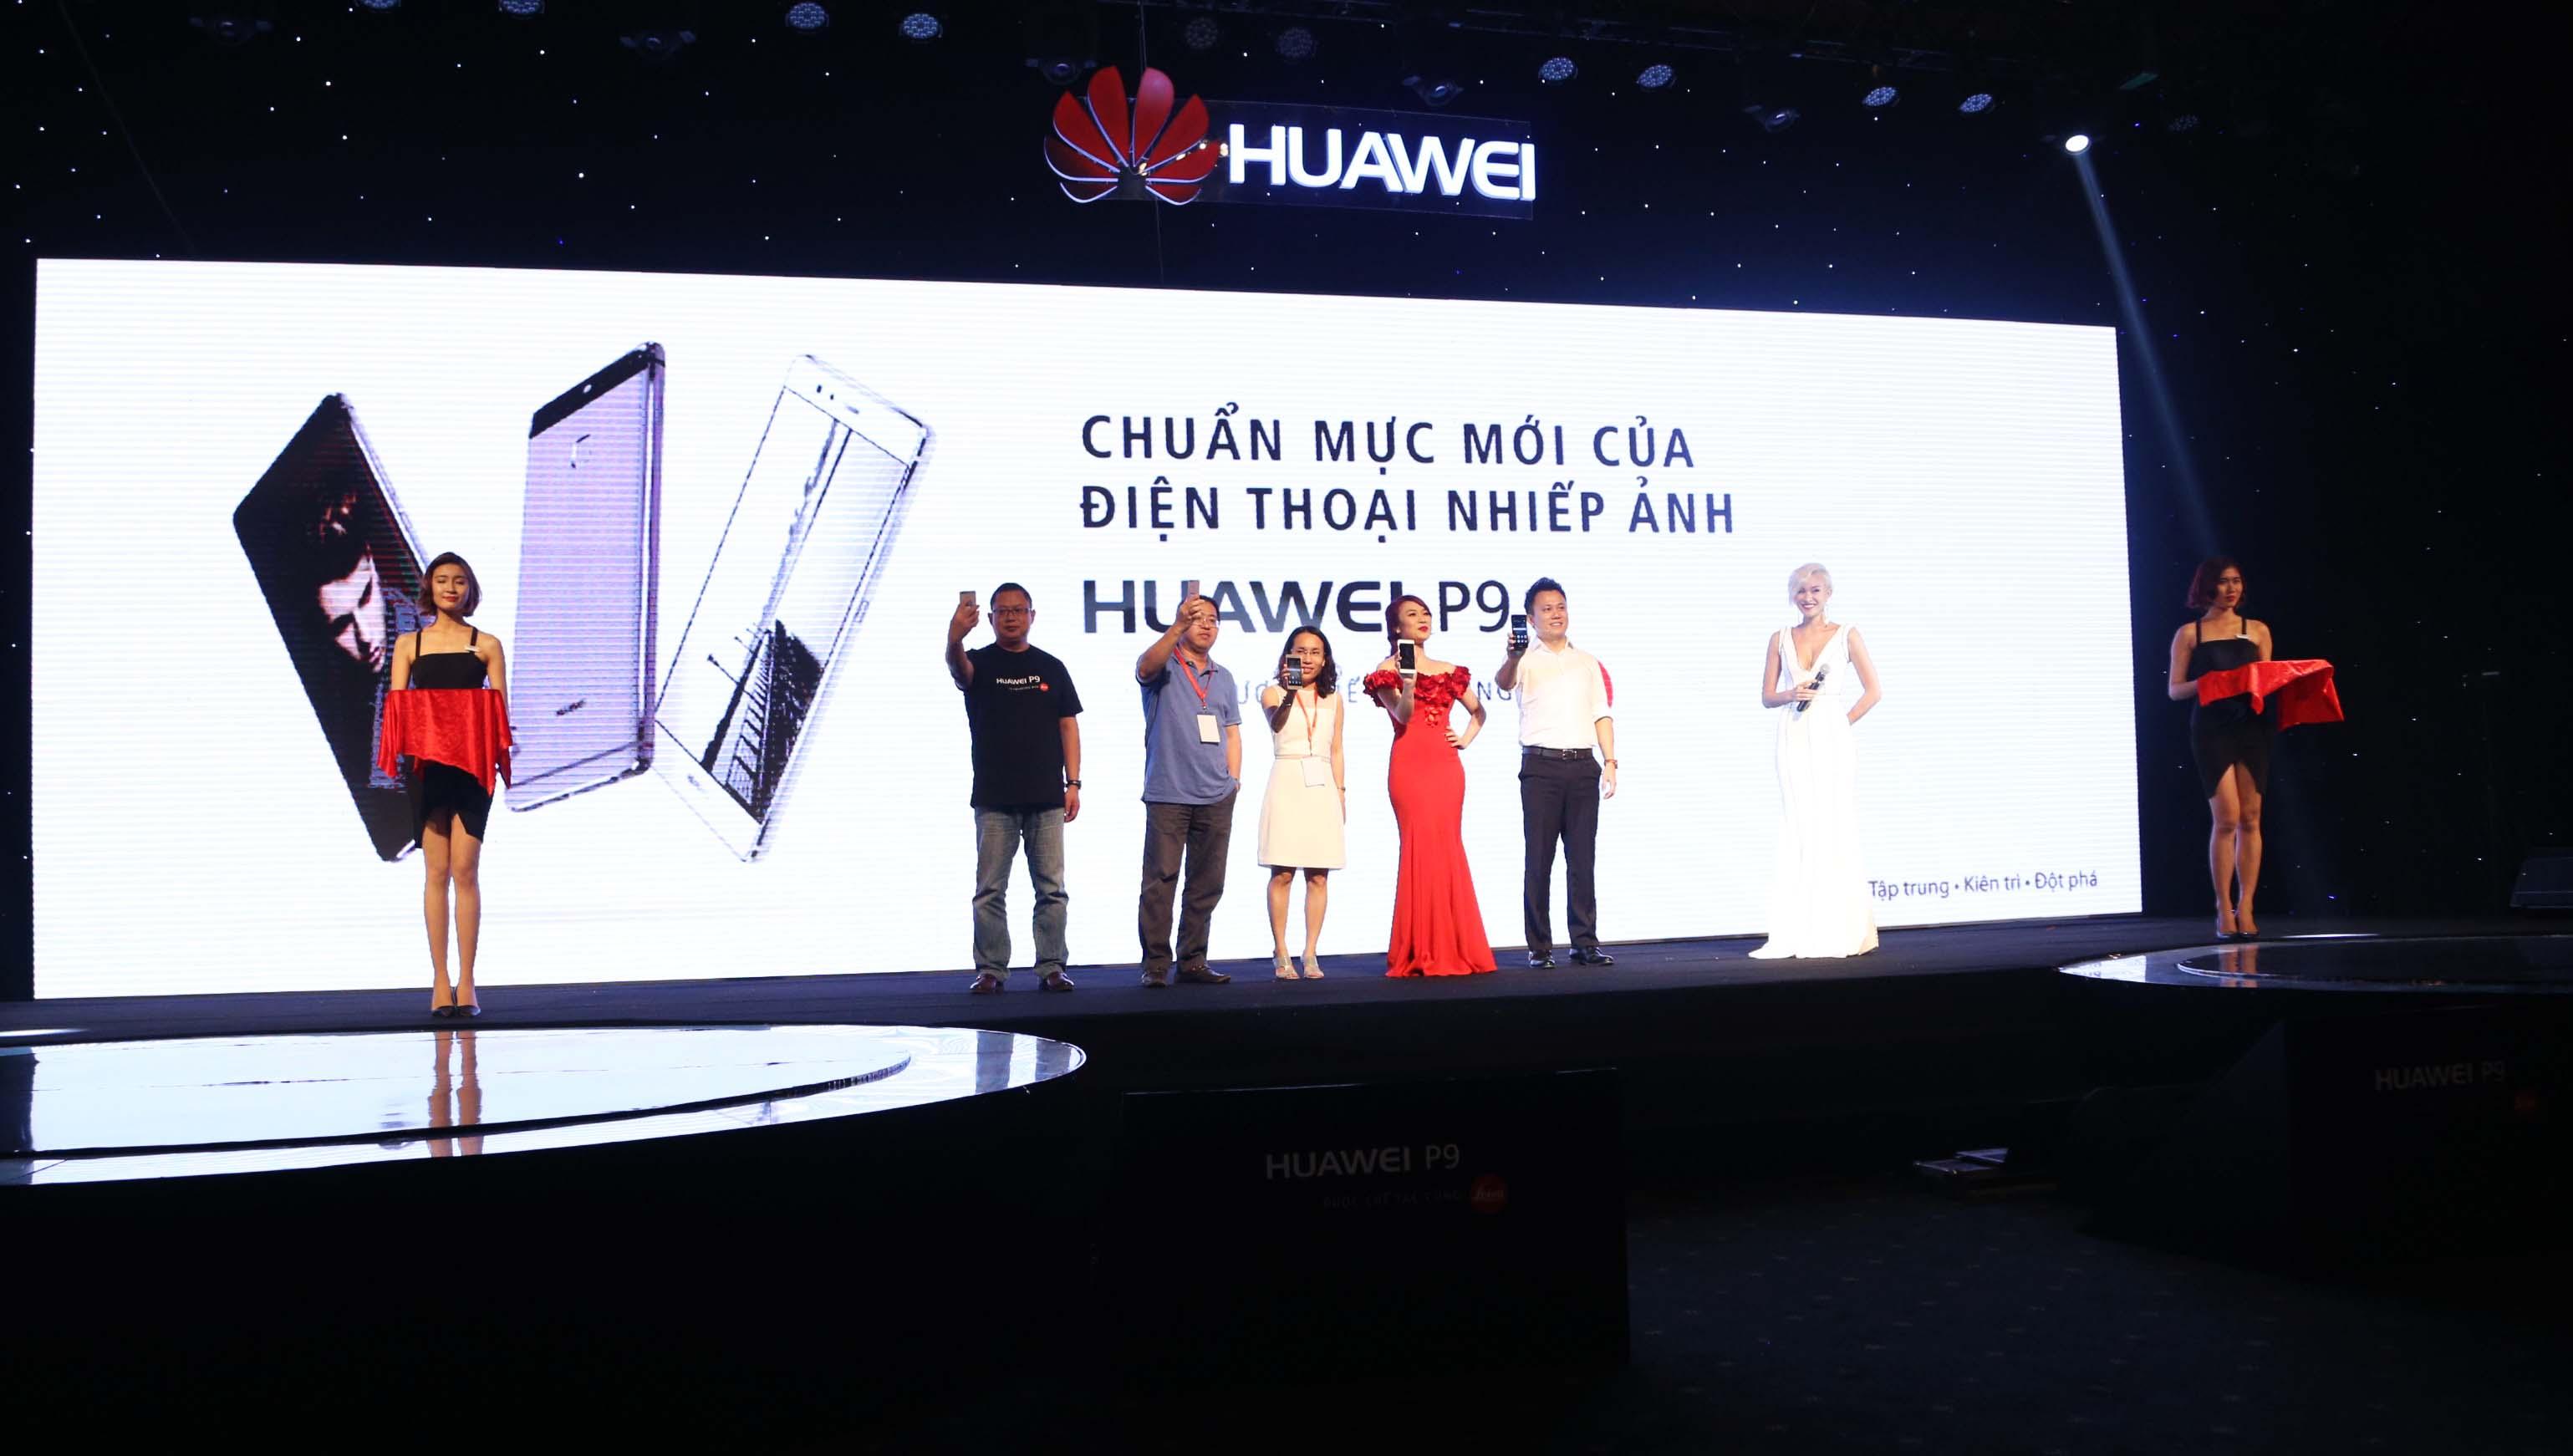 Ra mat san pham Huawei P9 - Huawei P9 chính thức ra mắt, giá 10,99 triệu đồng